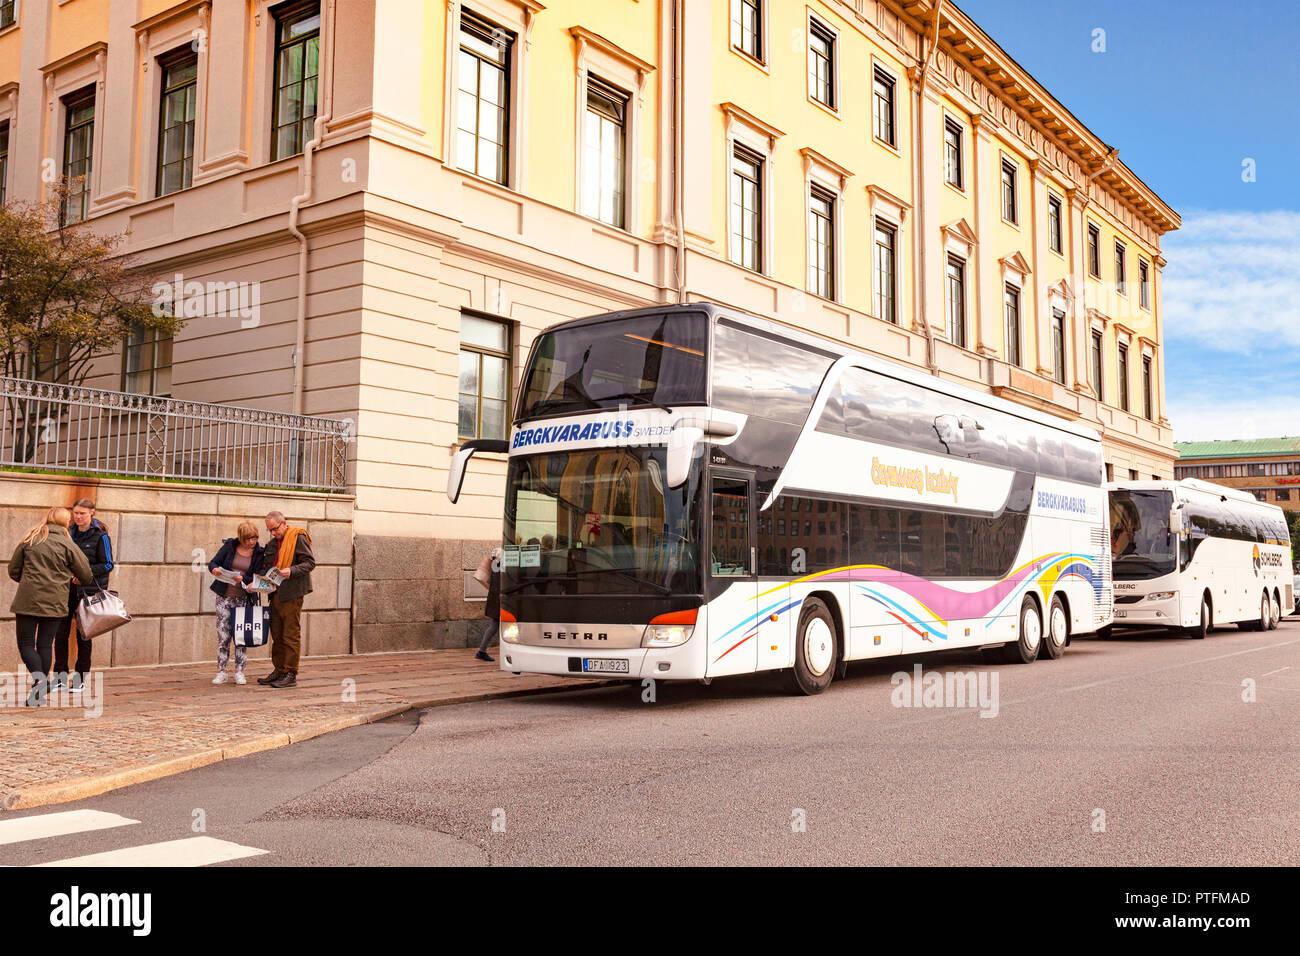 El 14 de septiembre de 2018: Gotemburgo, Suecia - autobuses de turistas en el centro de Gotemburgo, después de dejar a los pasajeros en el ayuntamiento. Imagen De Stock